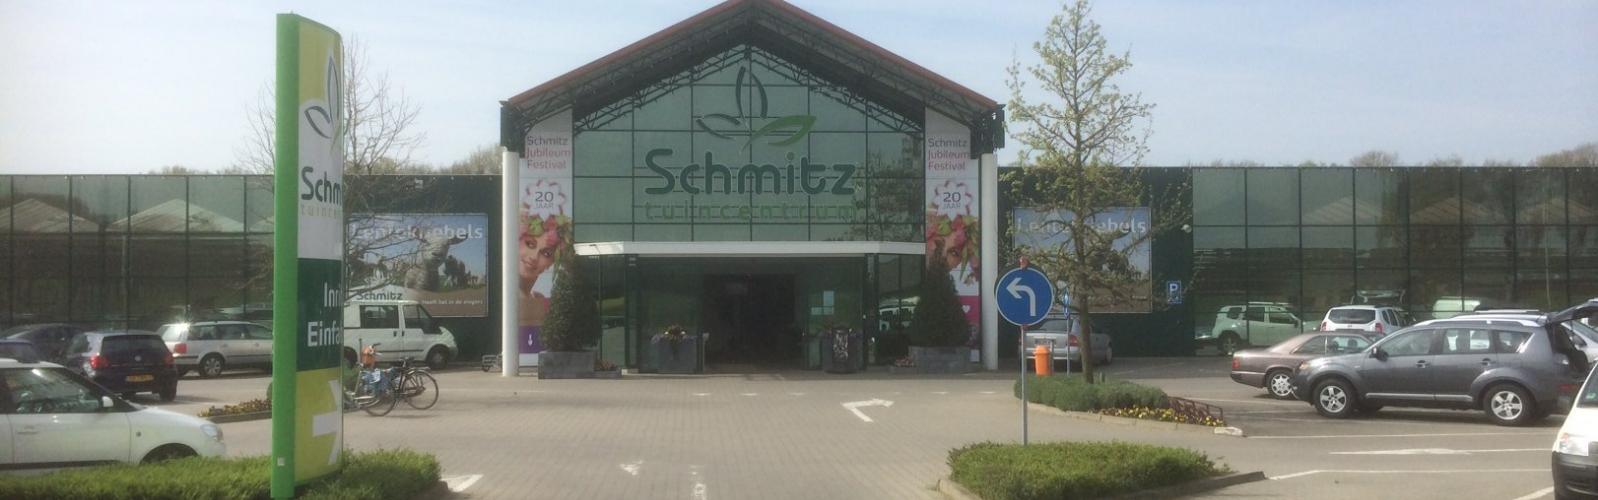 Alles voor uw tuin vindt u bij ons tuincentrum in Limburg